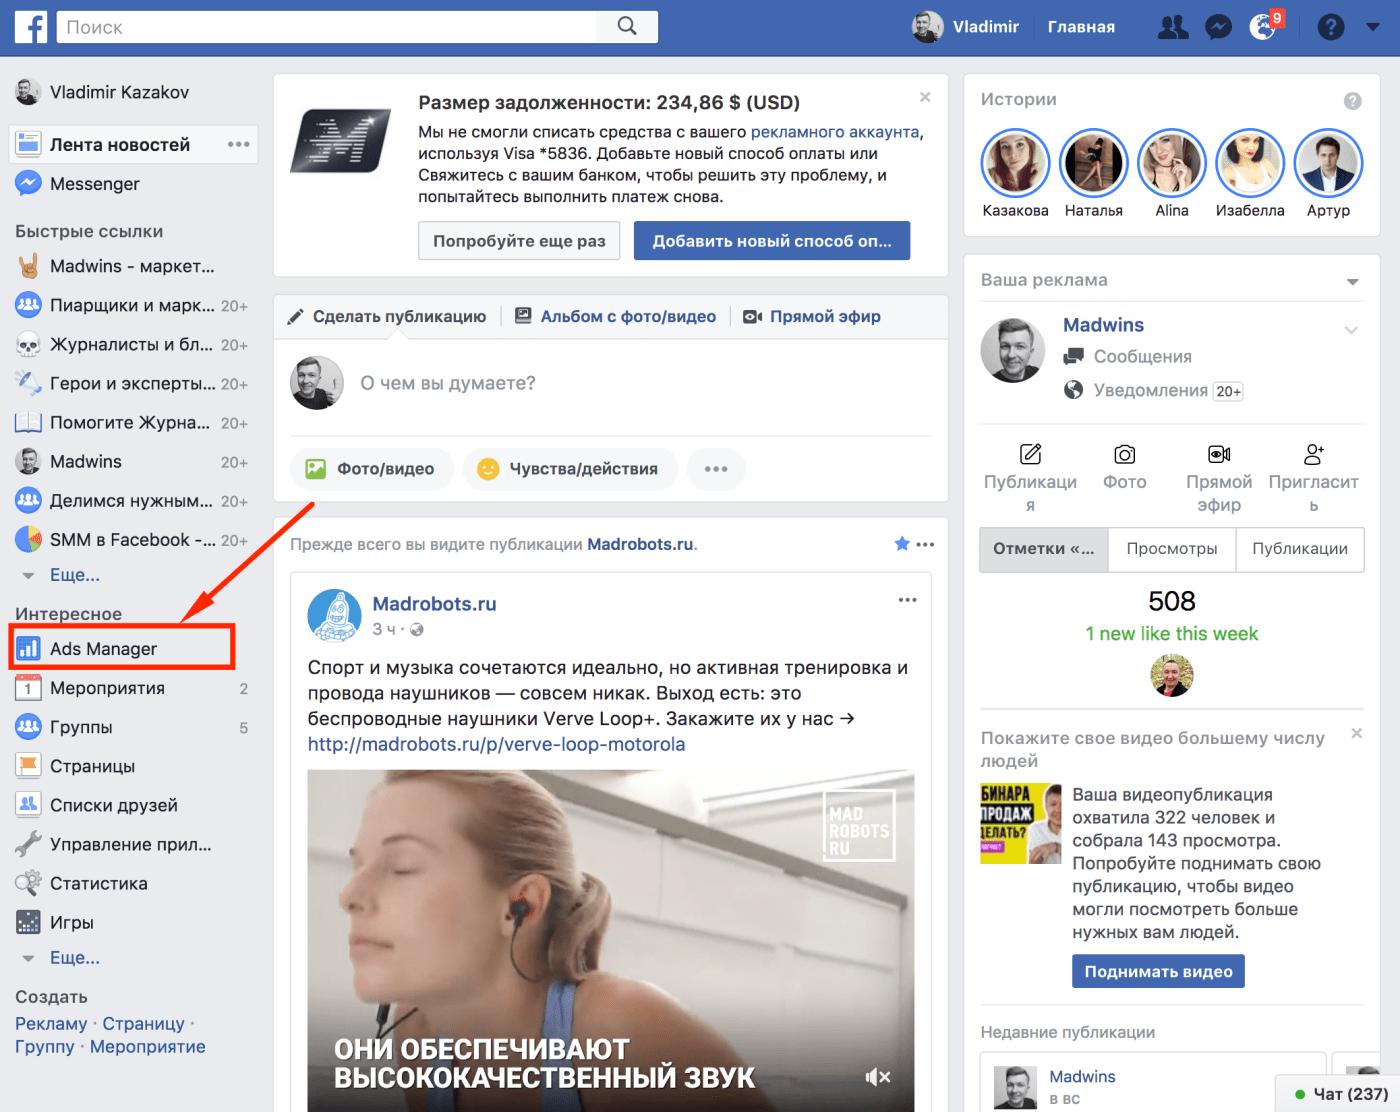 Как в facebook сделать активную ссылку